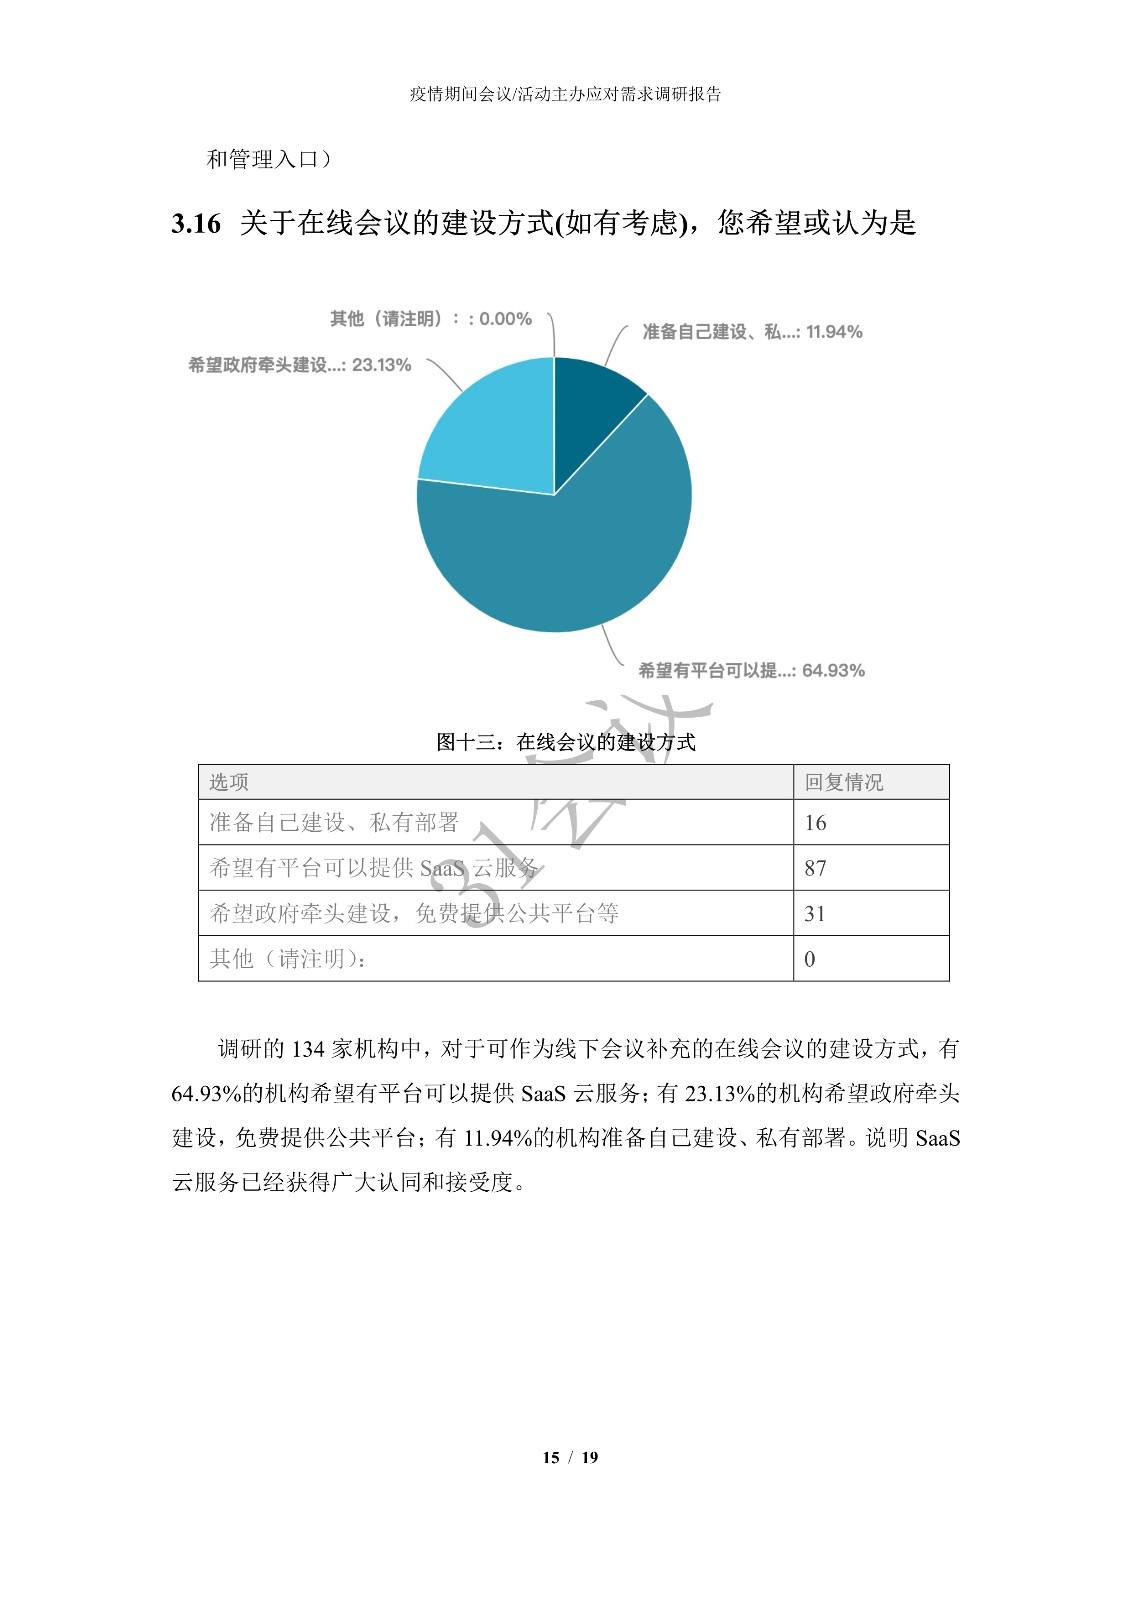 新型冠状病毒肺炎疫情期间 会议活动主办应对需求调研报告_14.jpg